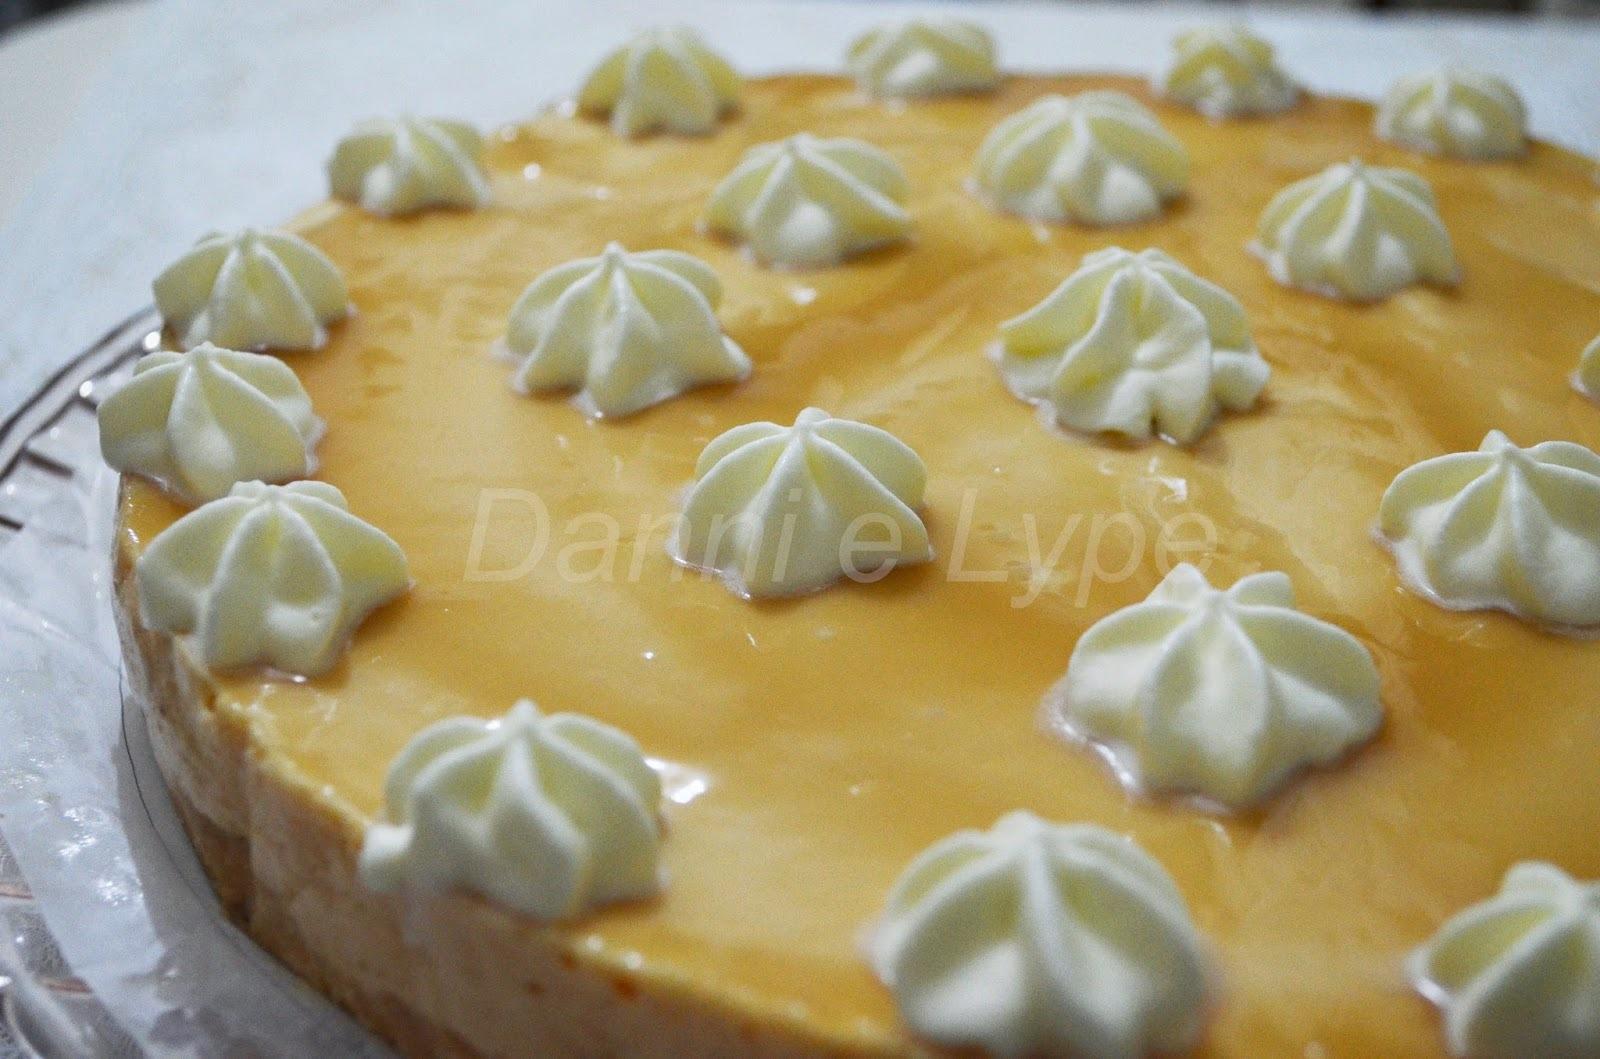 de mini torta holandesa simples